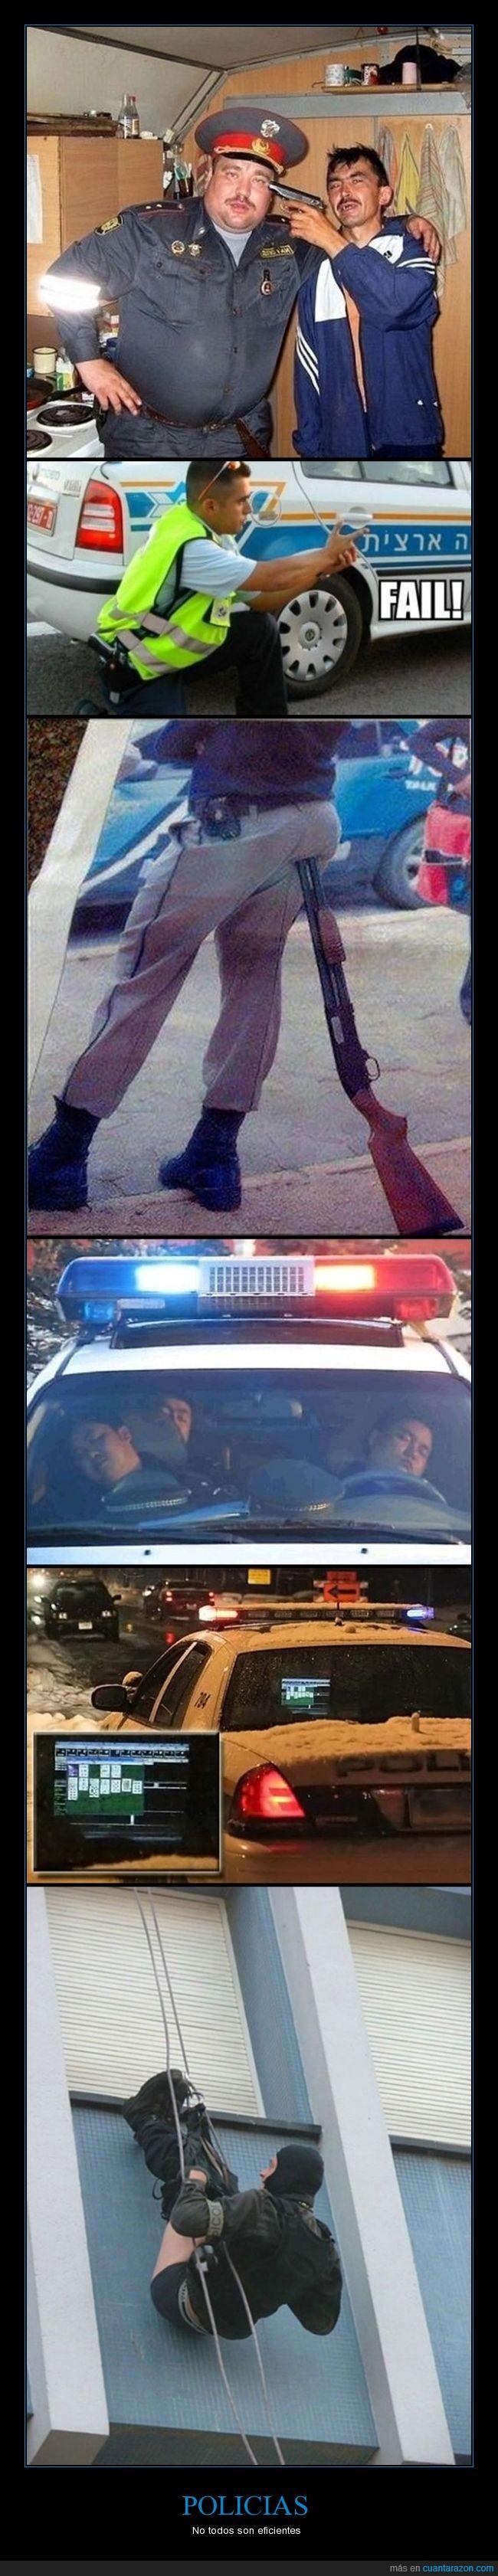 calzoncillos,coche,cutre,fail,malos,pateticos,pistola,policias